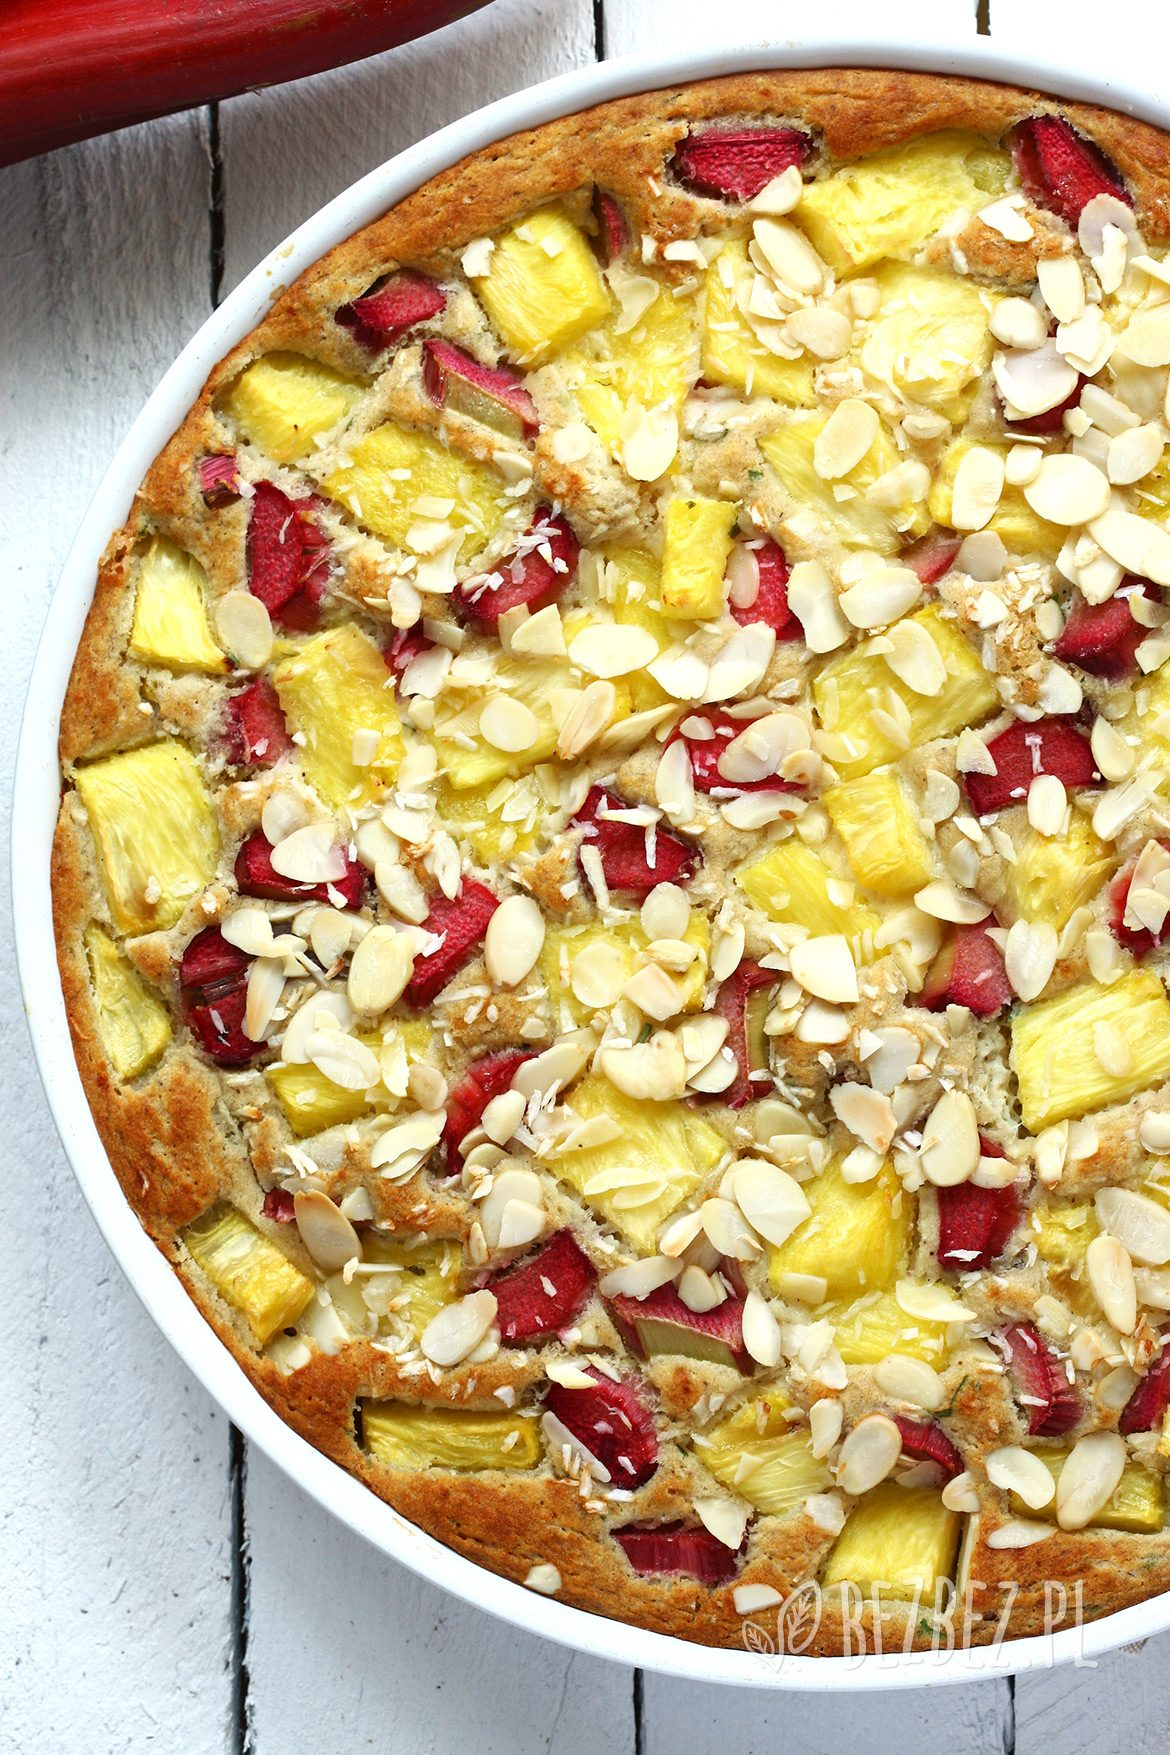 Cytrynowo-rozmarynowe ciasto z rabarbarem i ananasem , bez glutenu, jajek i mleka